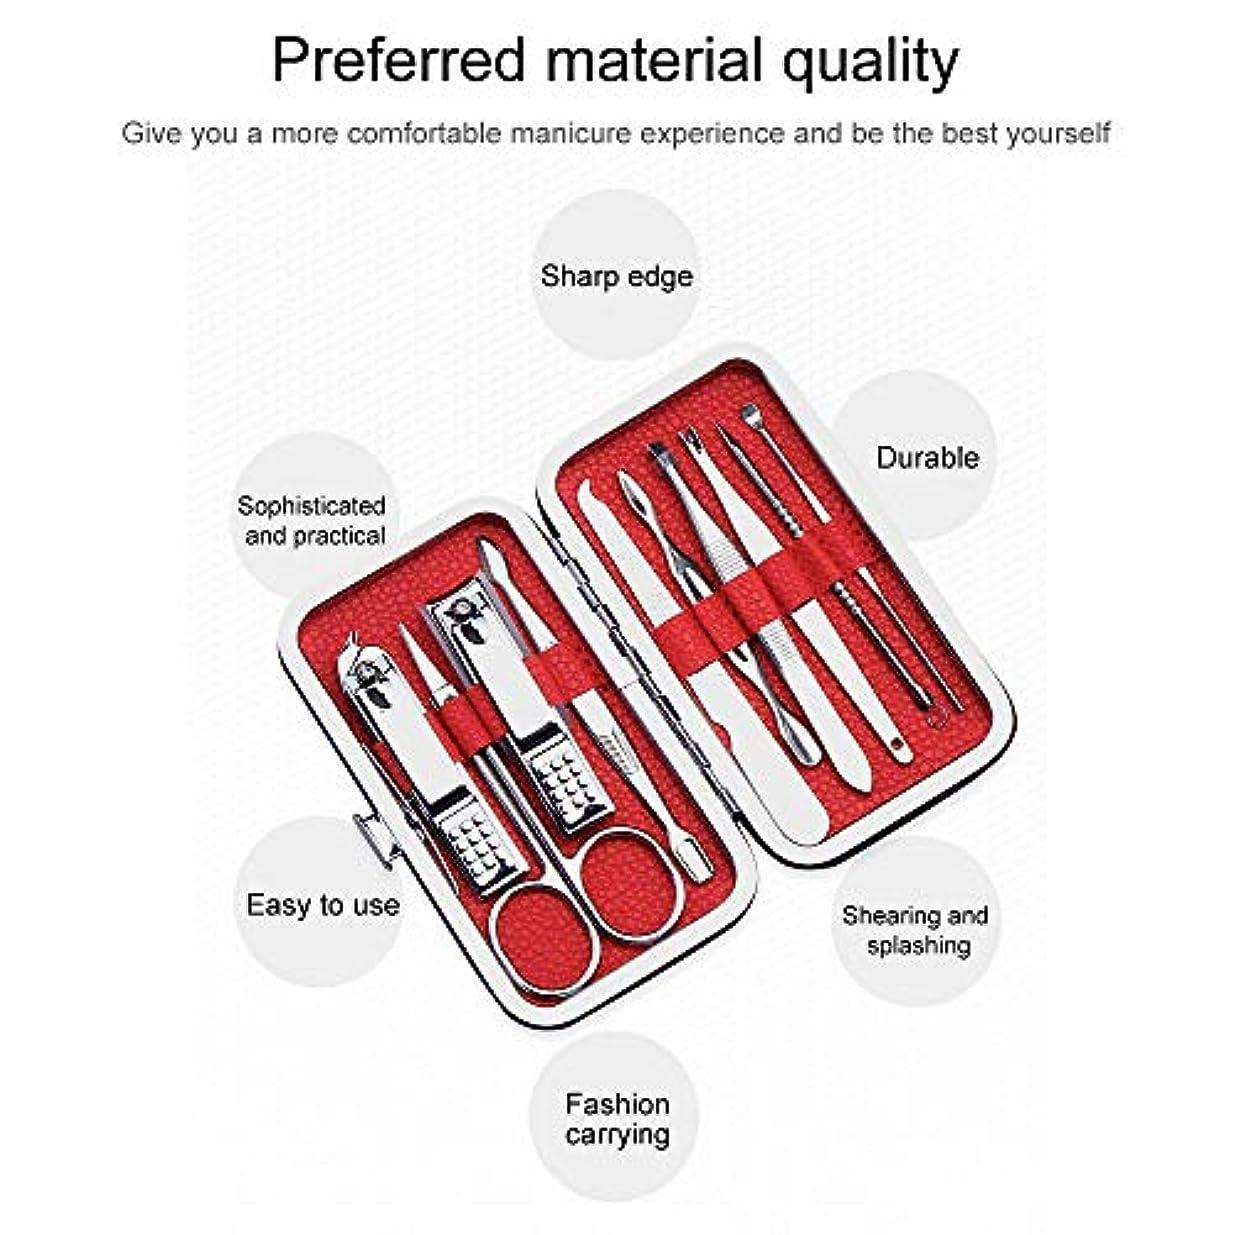 誕生日エンドテーブル補足爪切りネイルクリッパーキットステンレス鋼プロフェッショナルグルーミングキット、豪華なトラベルケース付き10個のネイルツールのセット